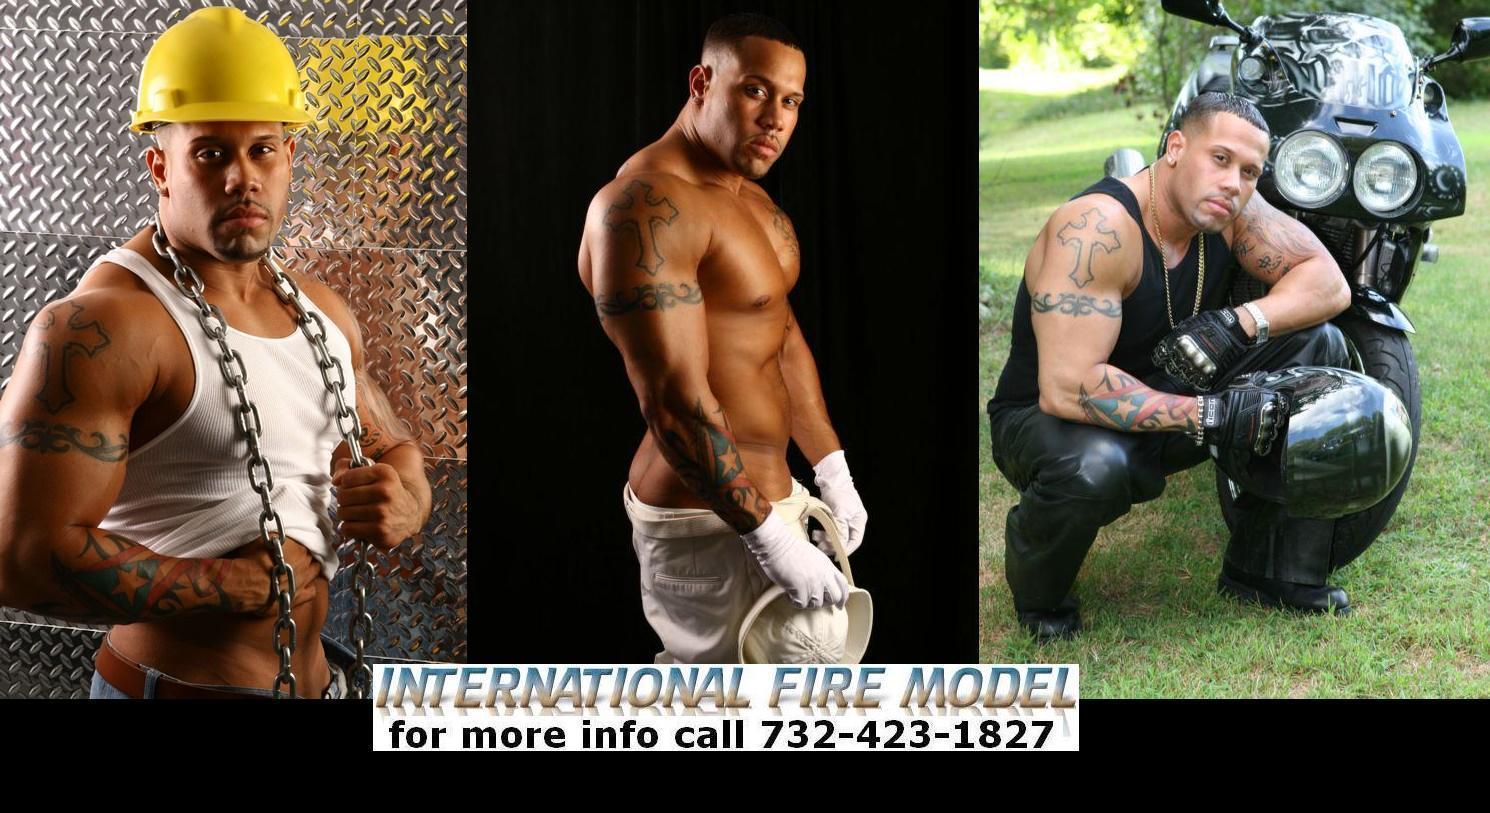 INTERNATIONAL FIRE MODELS international fire male model